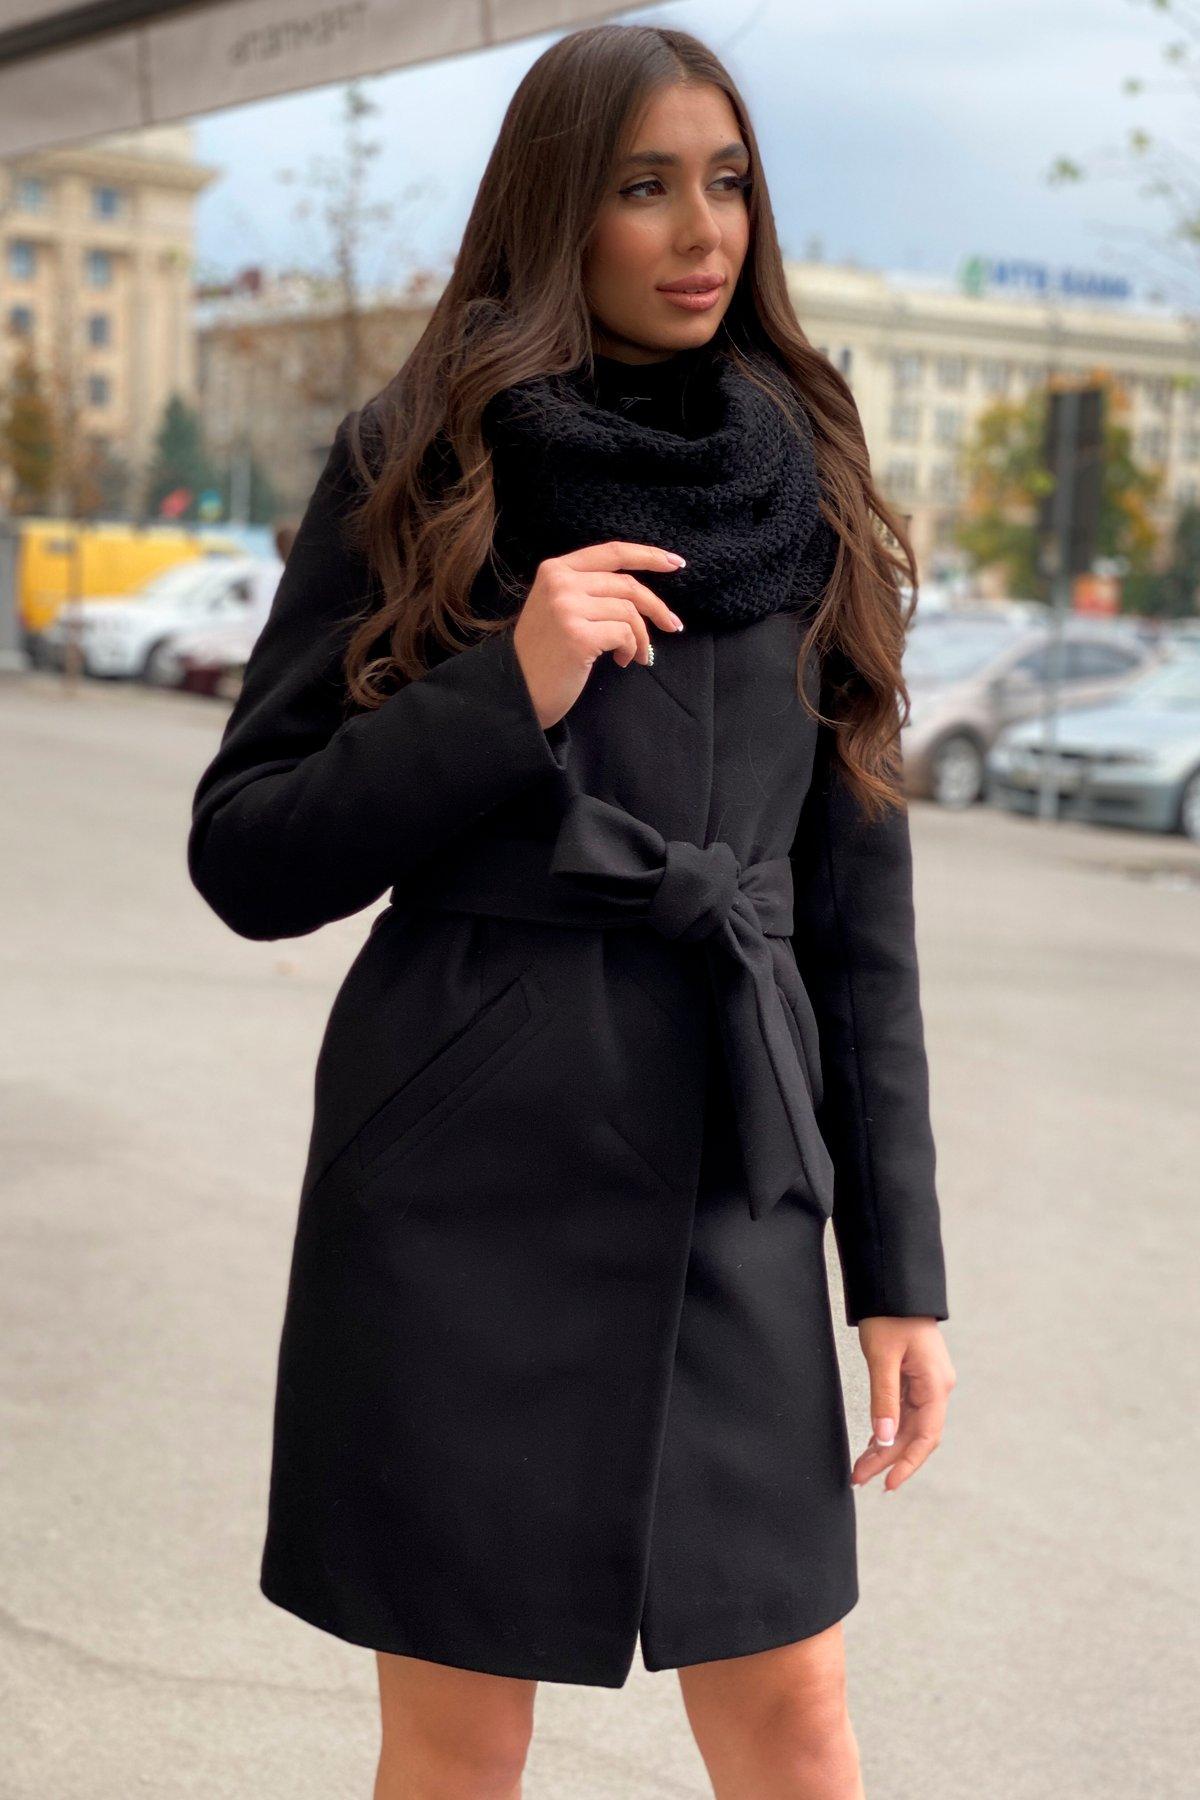 Зимнее пальто женское купить Украина Пальто зима с хомутом Люцея 8211